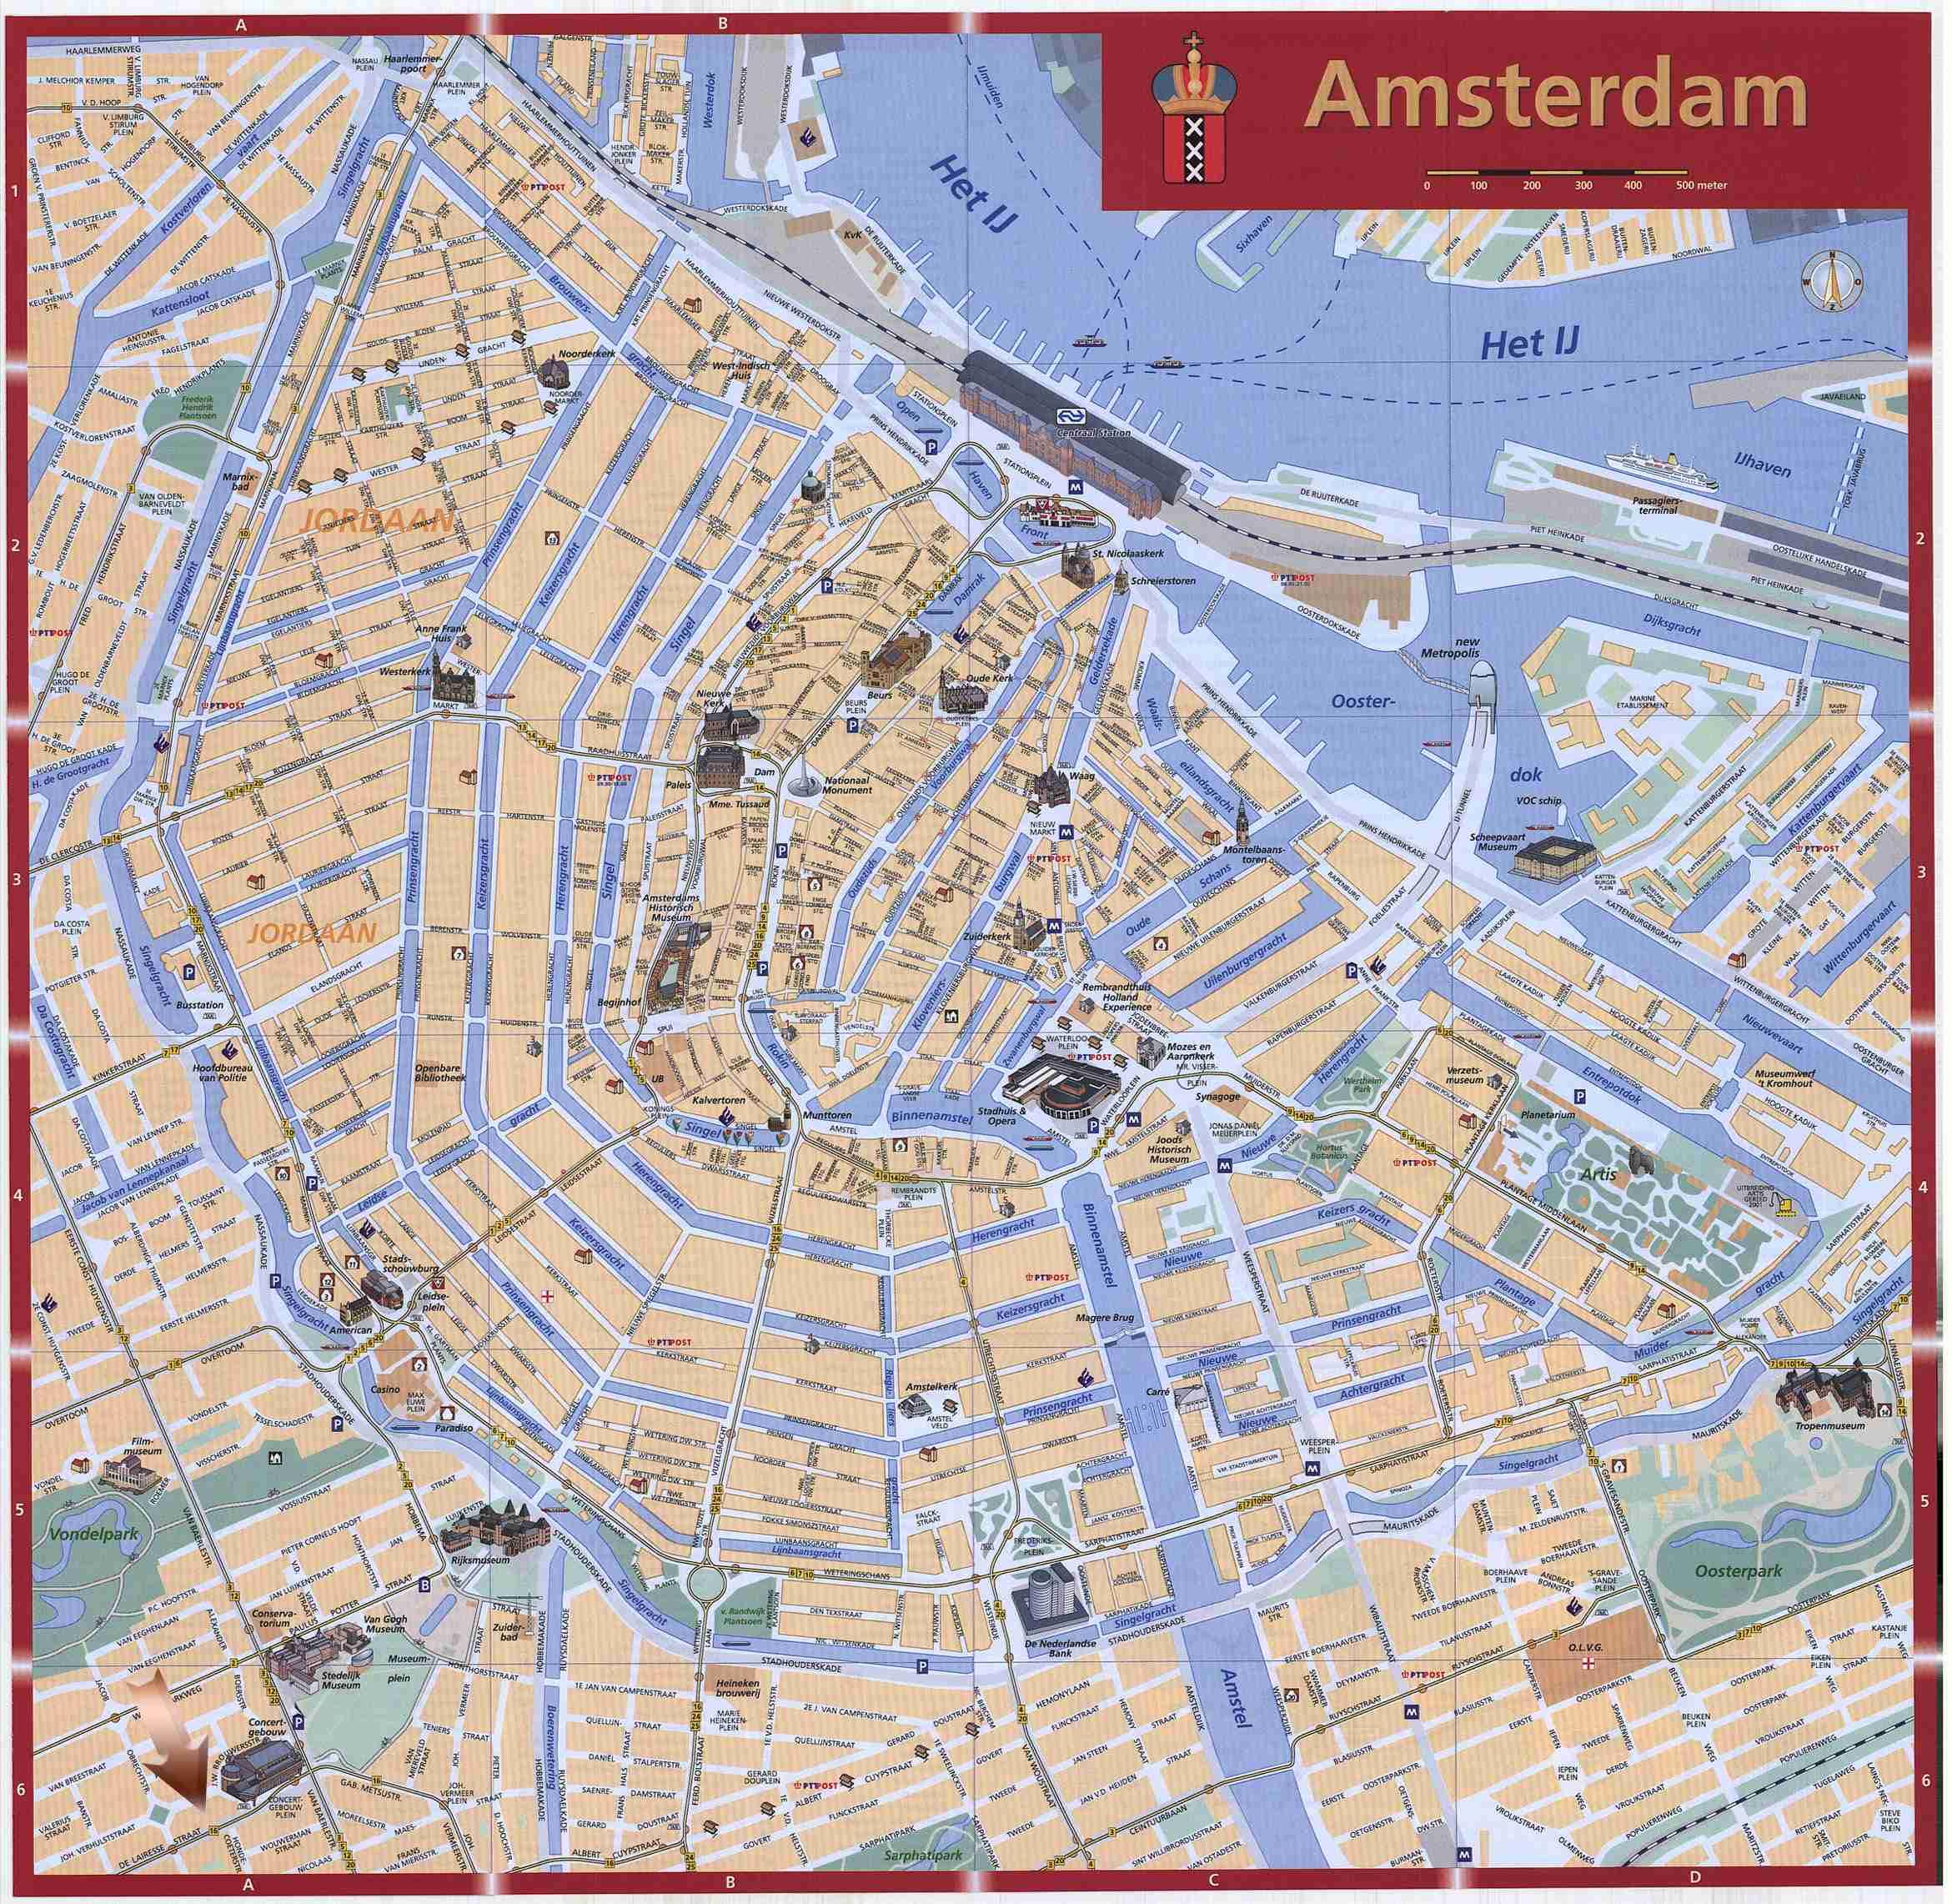 Plano de Amsterdam Completo plano de Amsterdam con los principales atractivos turísticos que visitar en la ciudad.